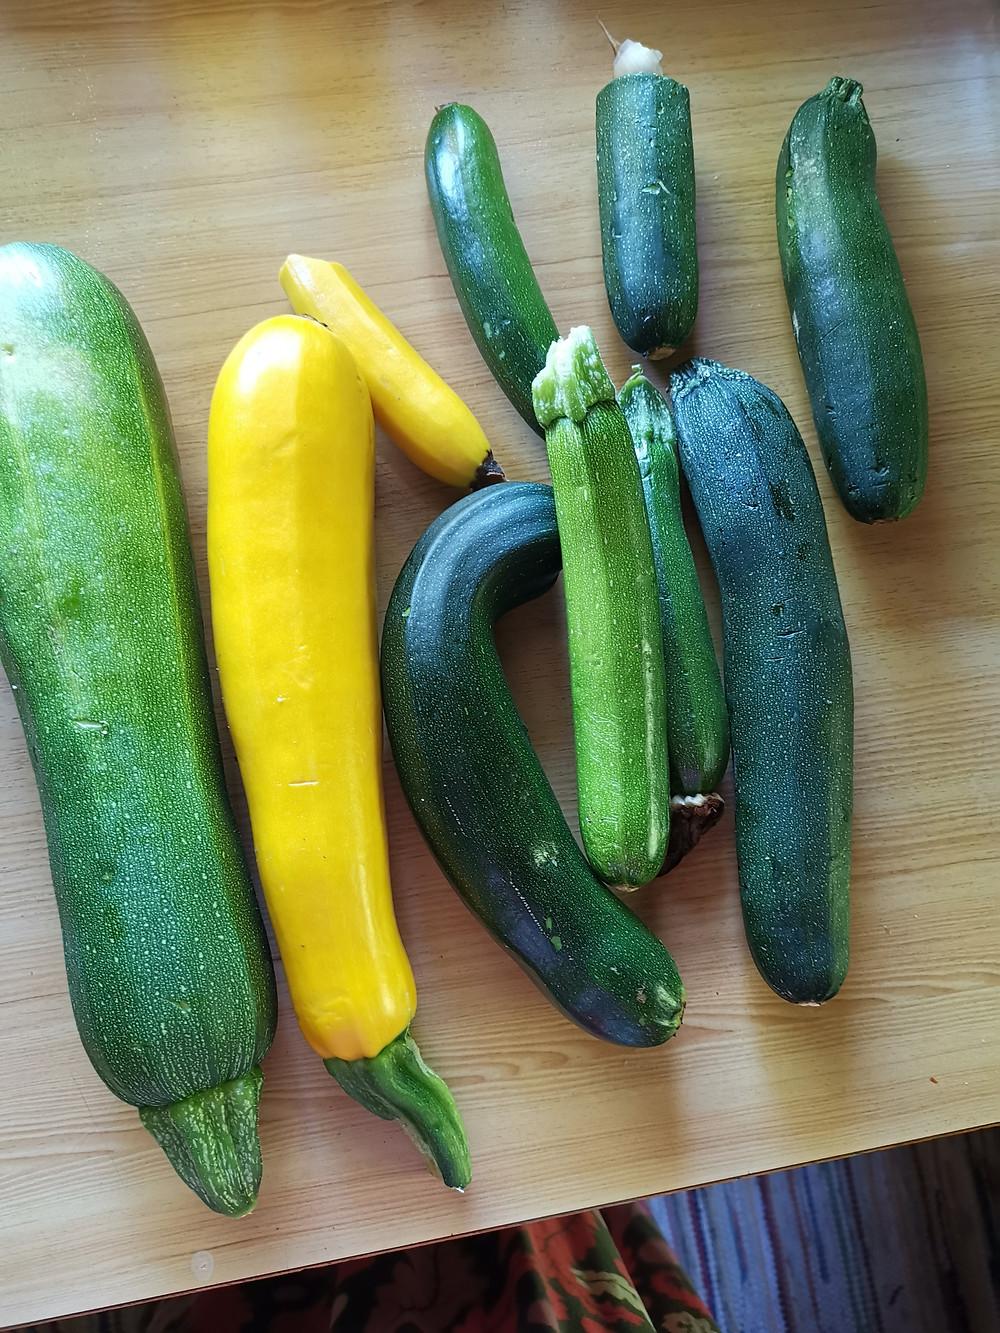 Zucchinipasta, Zucchinischwemme, Nudeln mit Zucchinisoße